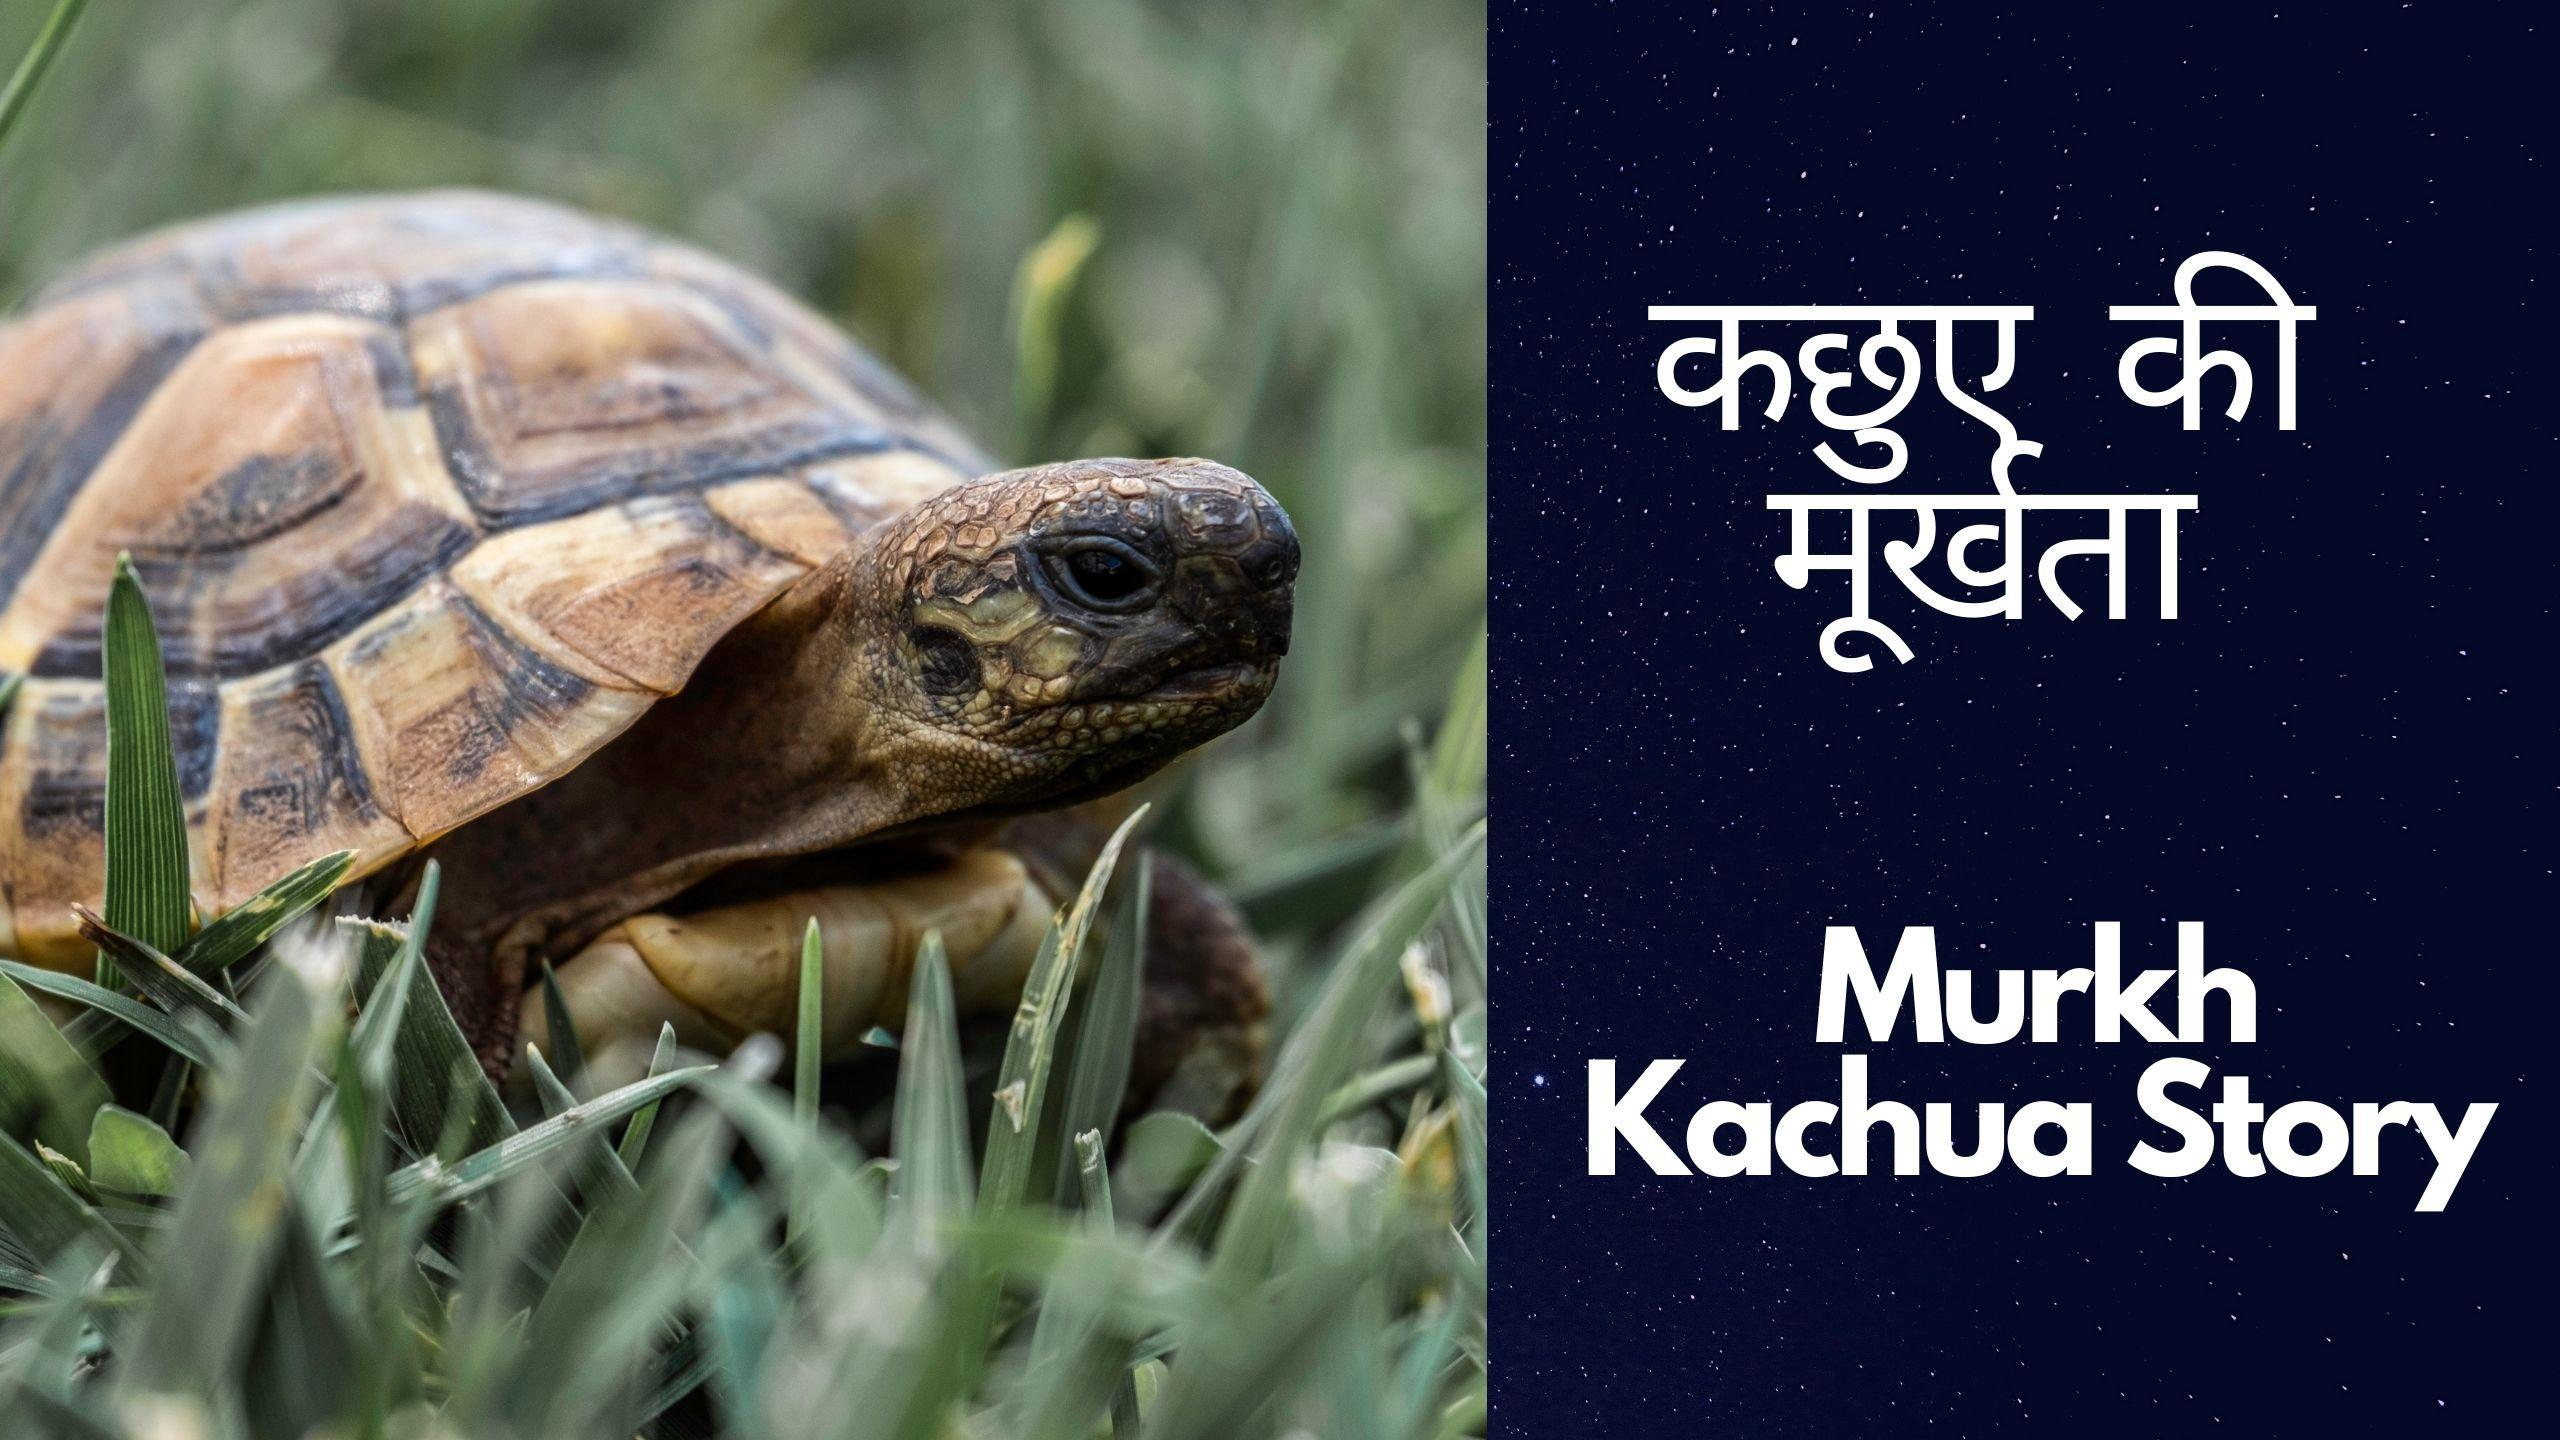 Murkh Kachua Story